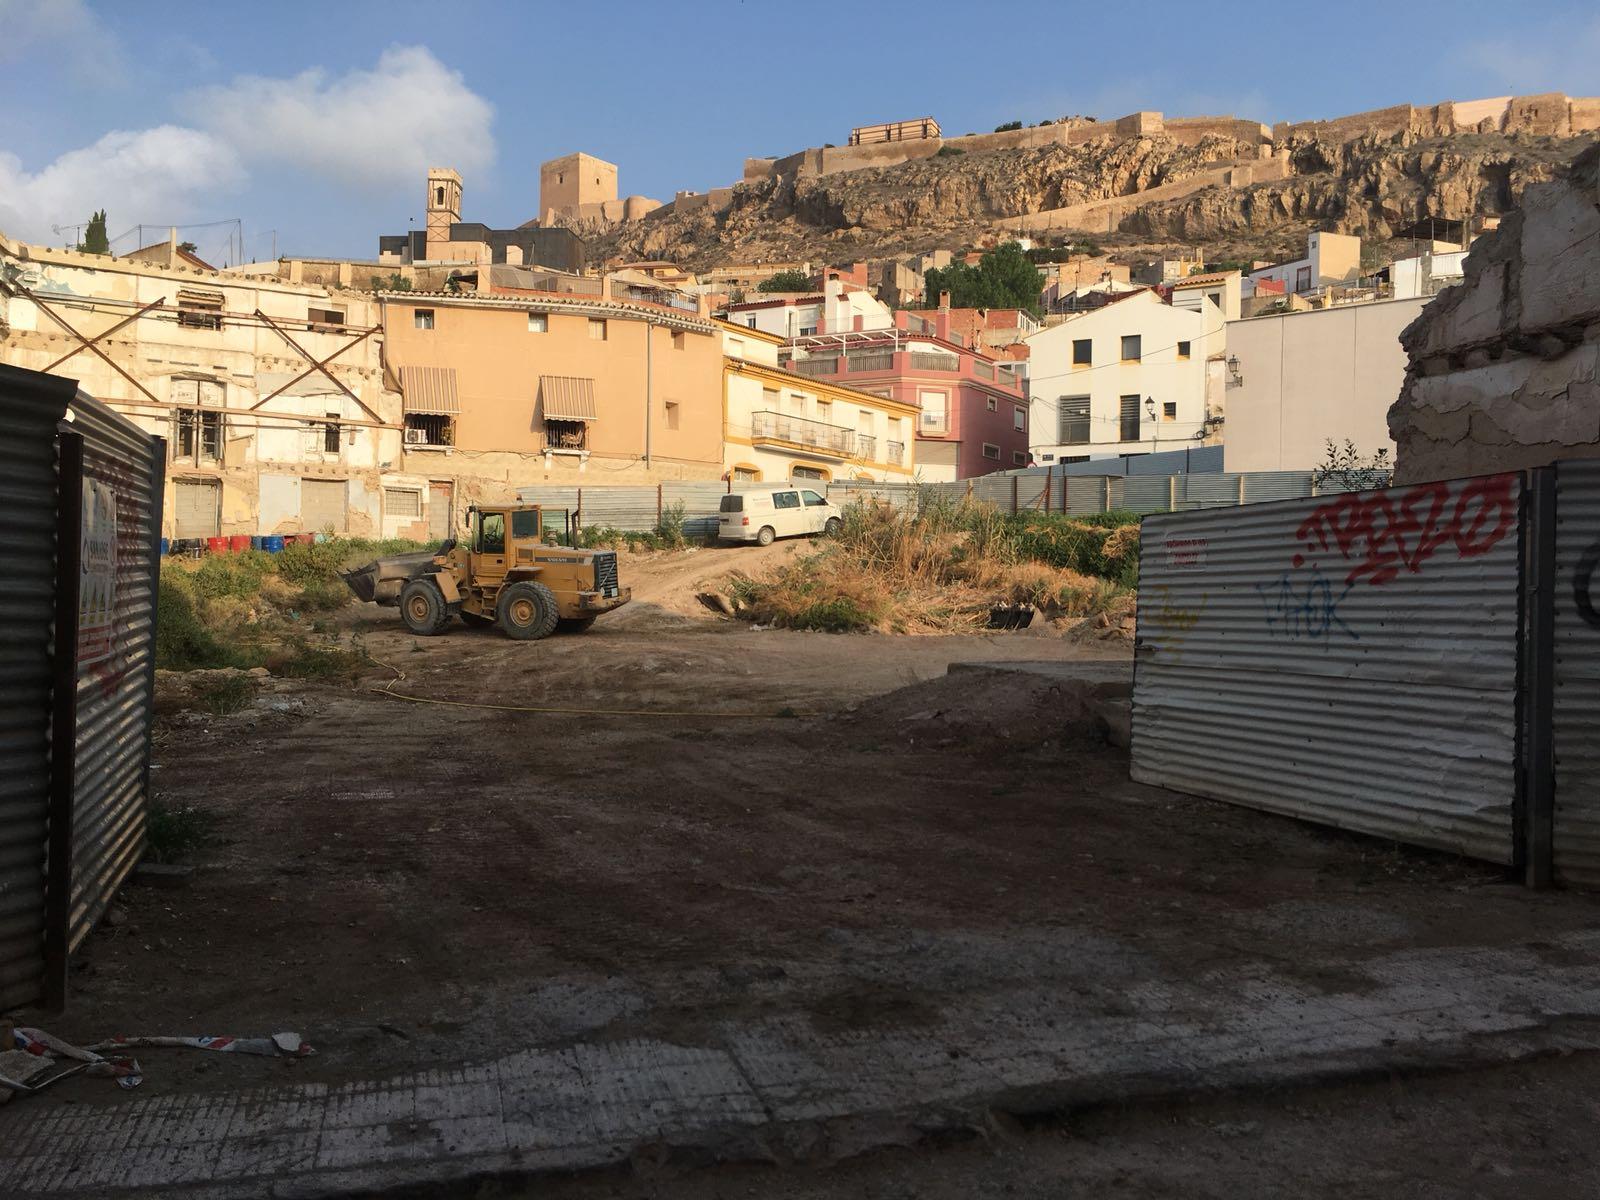 El PSOE garantiza como irrenunciable la construcción del Palacio de Justicia de Lorca en el solar en el que está previsto